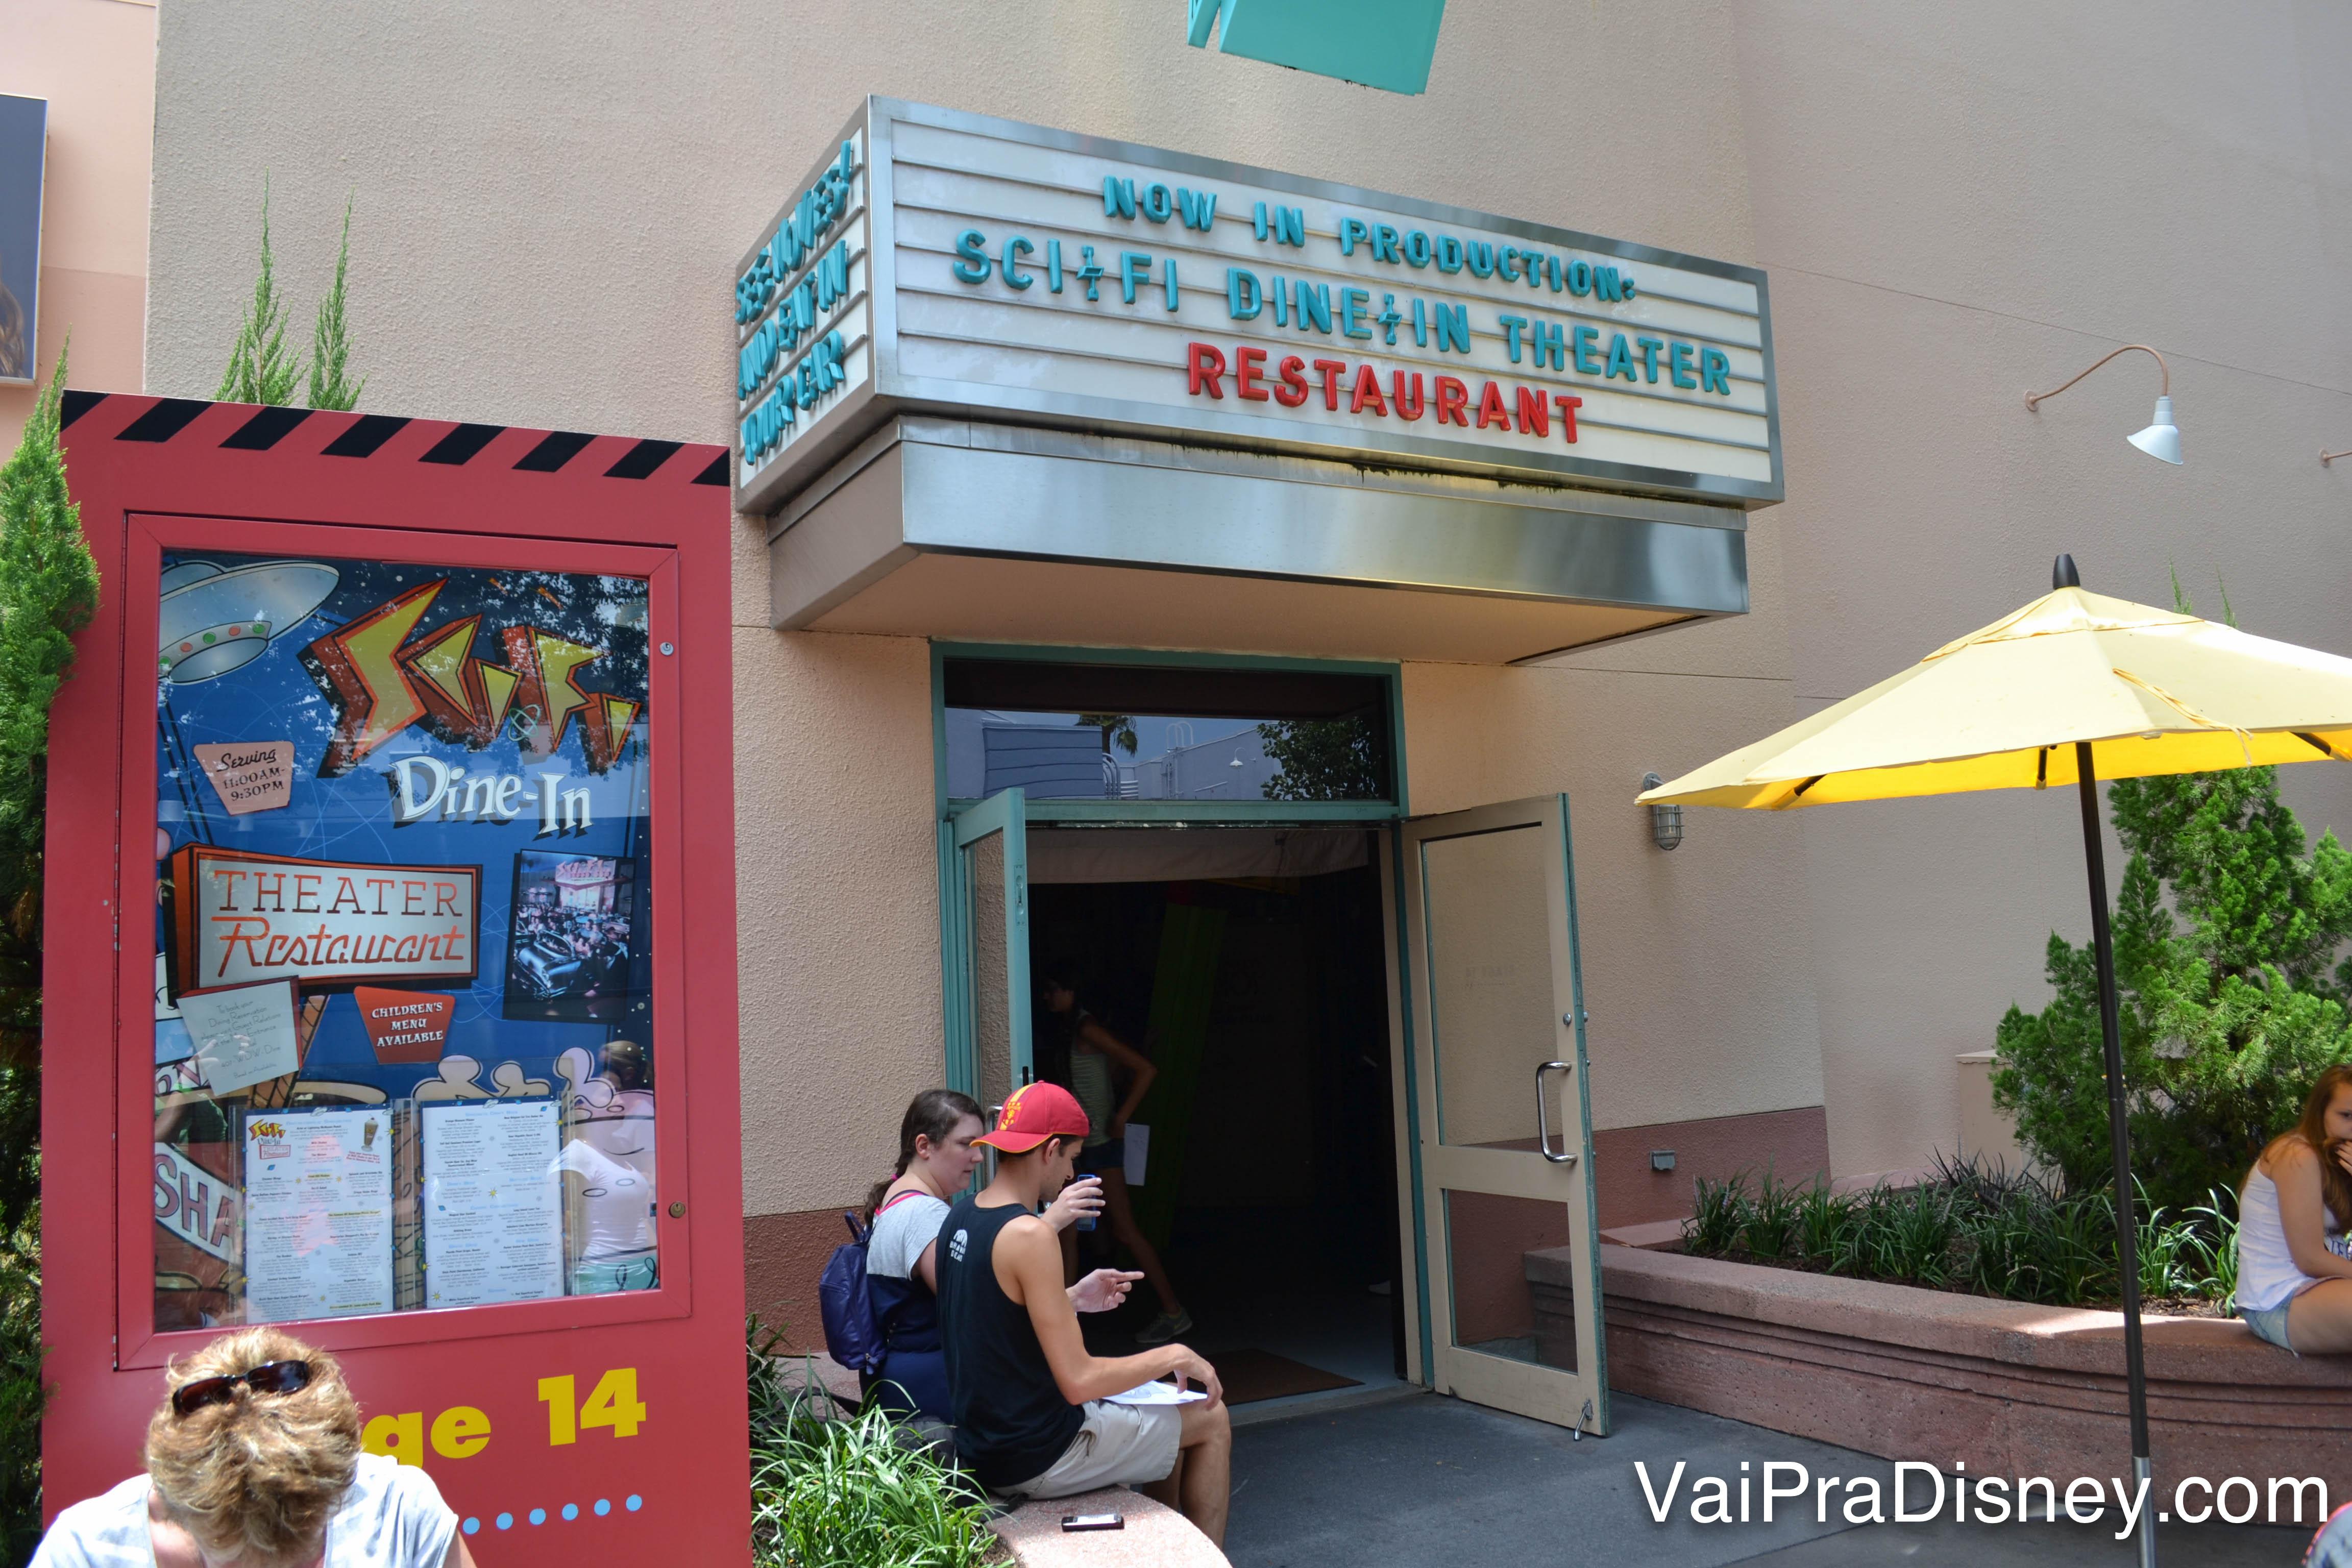 Foto da entrada pequena do Sci-Fi Dine in Theater, com a fachada parecendo um cinema antigo de Hollywood